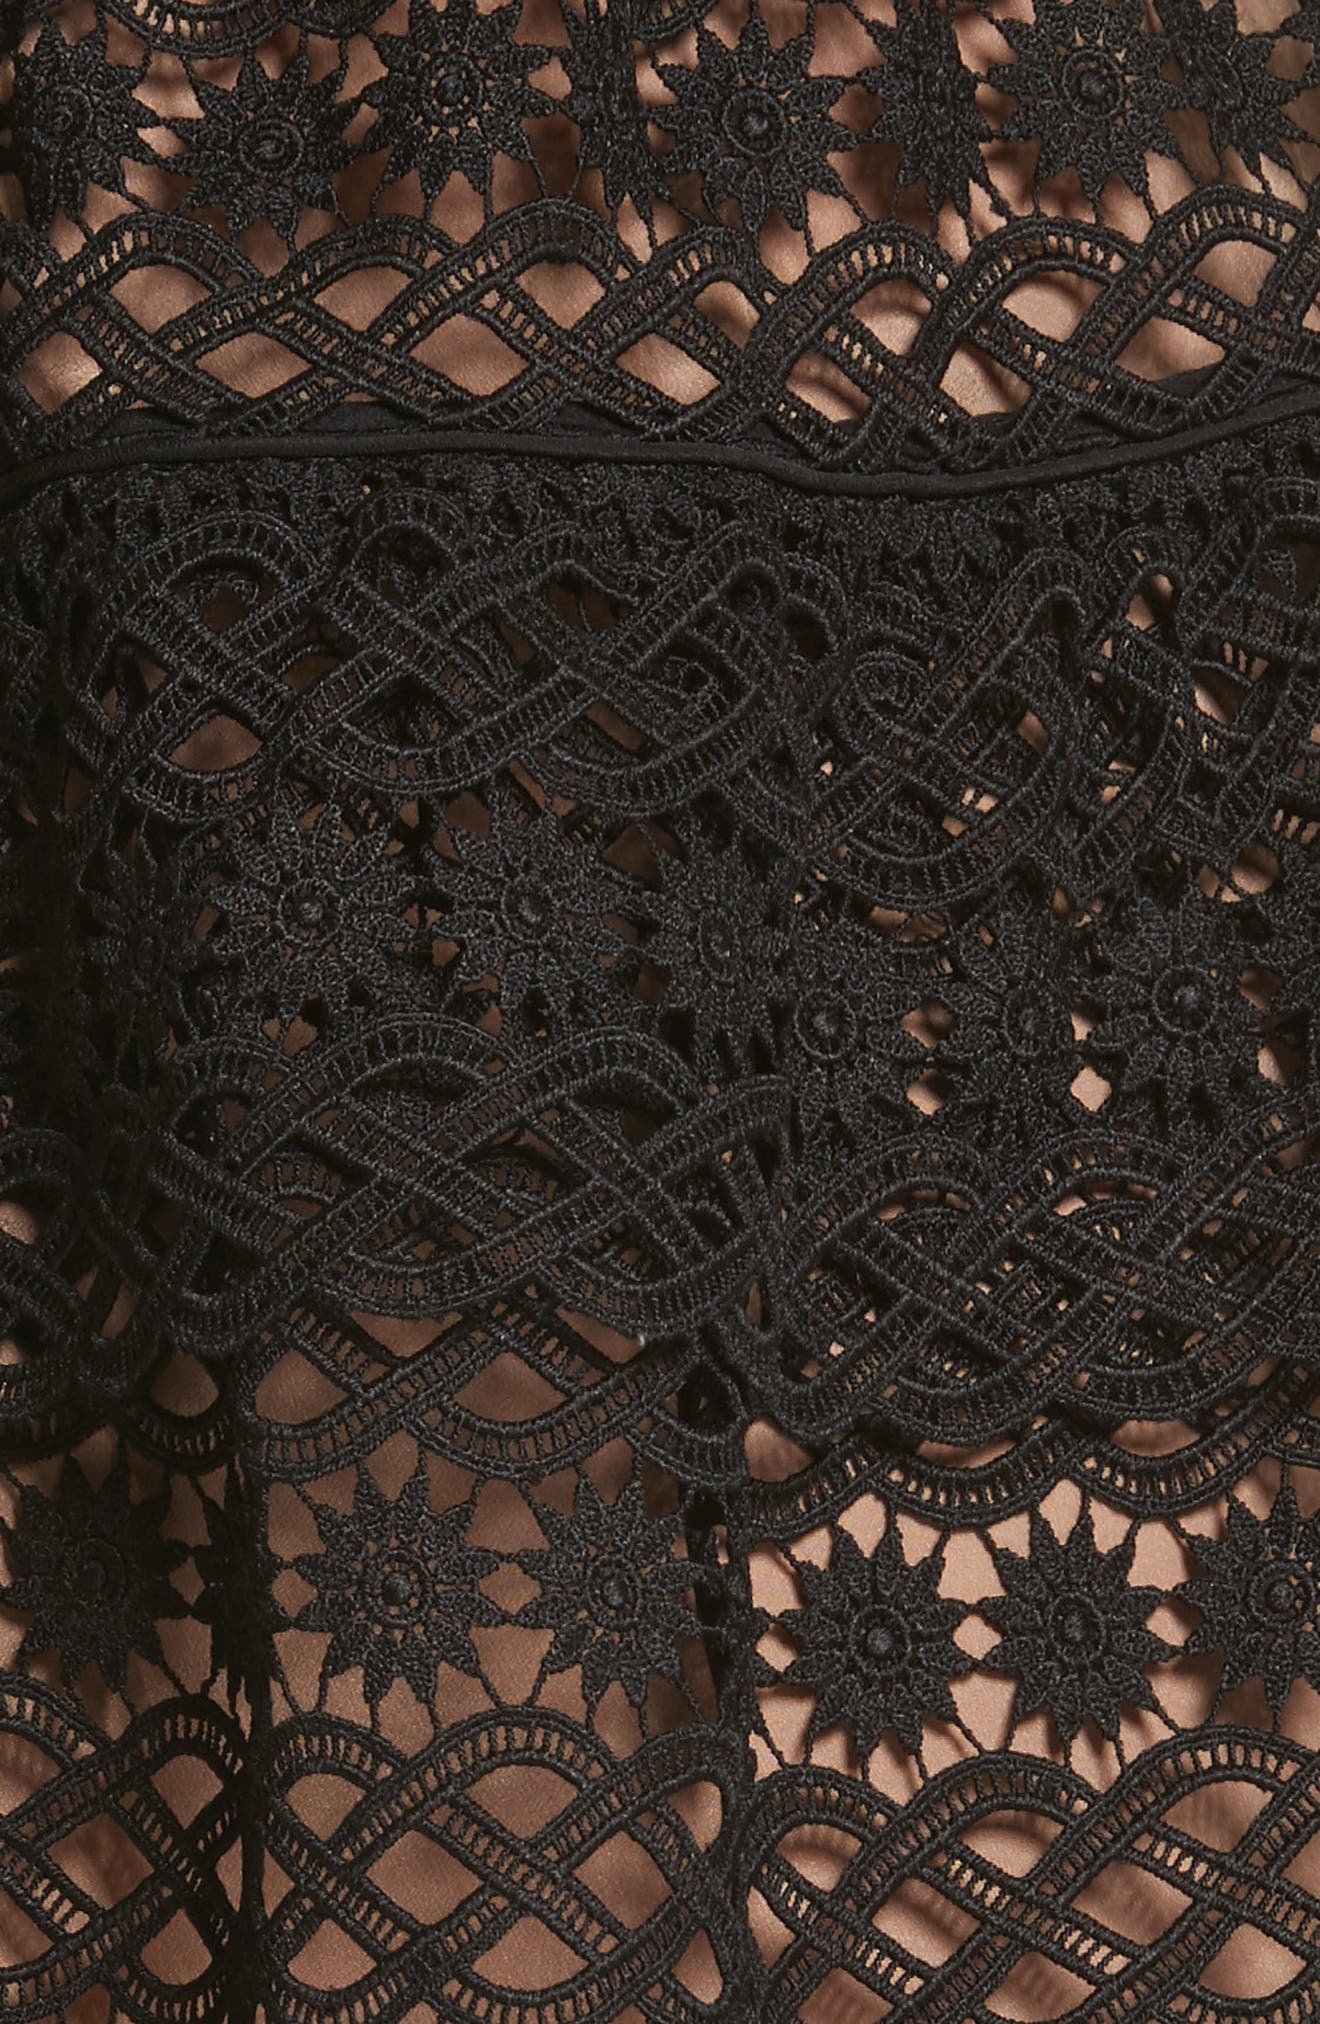 Floral Chain Lace One-Shoulder Dress,                             Alternate thumbnail 5, color,                             Black